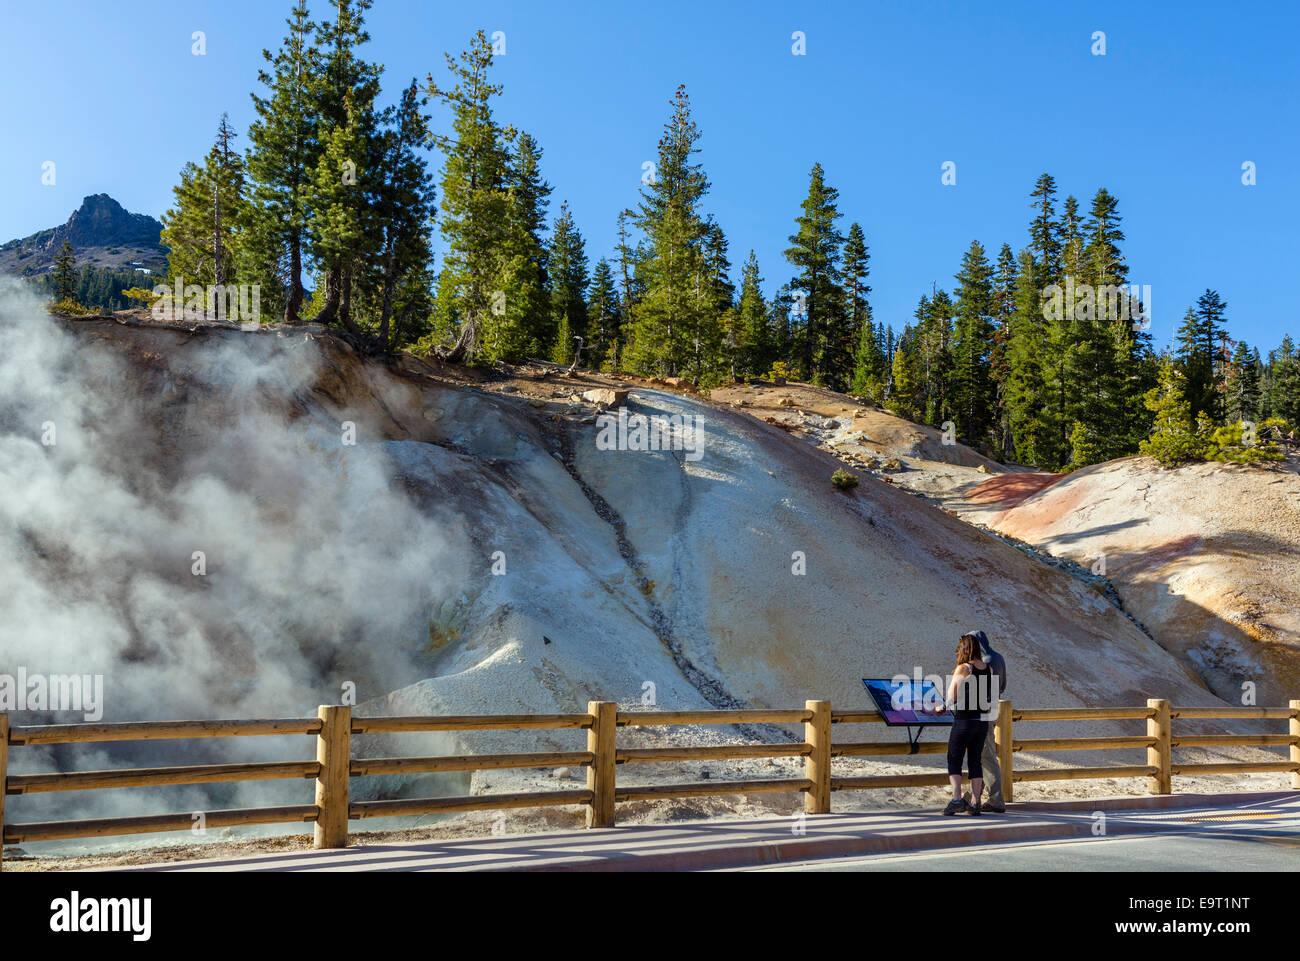 Heiße Quellen und Fumarolen im Schwefel funktioniert Geothermie Bereich, Lassen Volcanic National Park, Kalifornien, Stockfoto